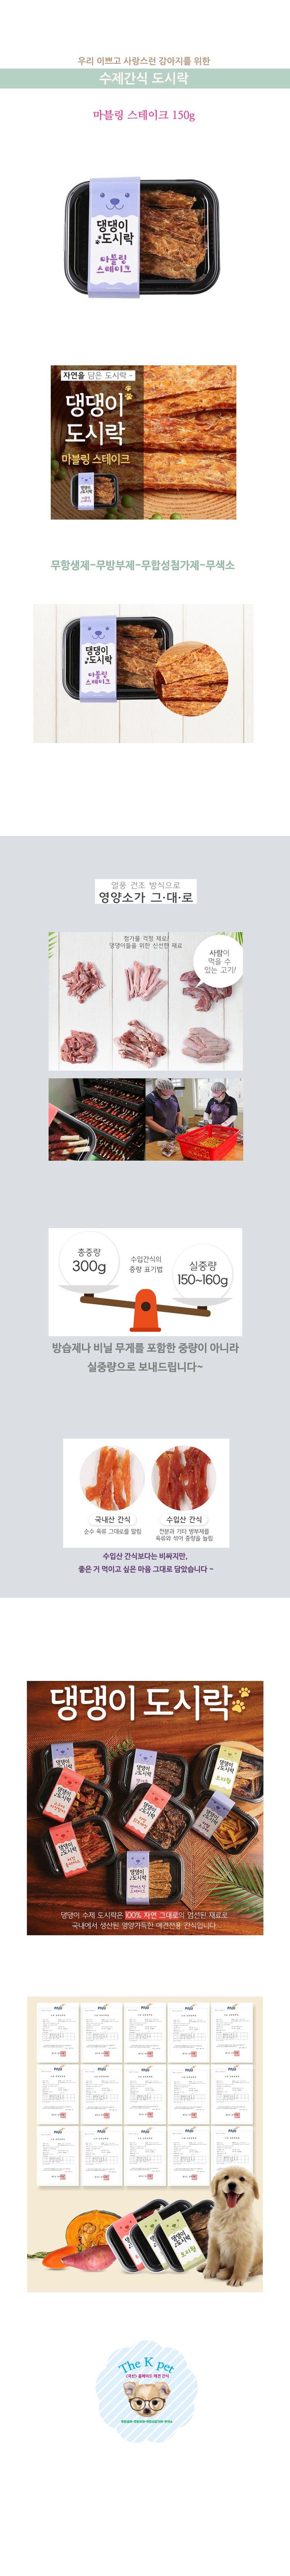 (수제간식 도시락) 마블링 스테이크 150g - 더 케이 펫, 9,800원, 간식/영양제, 수제간식